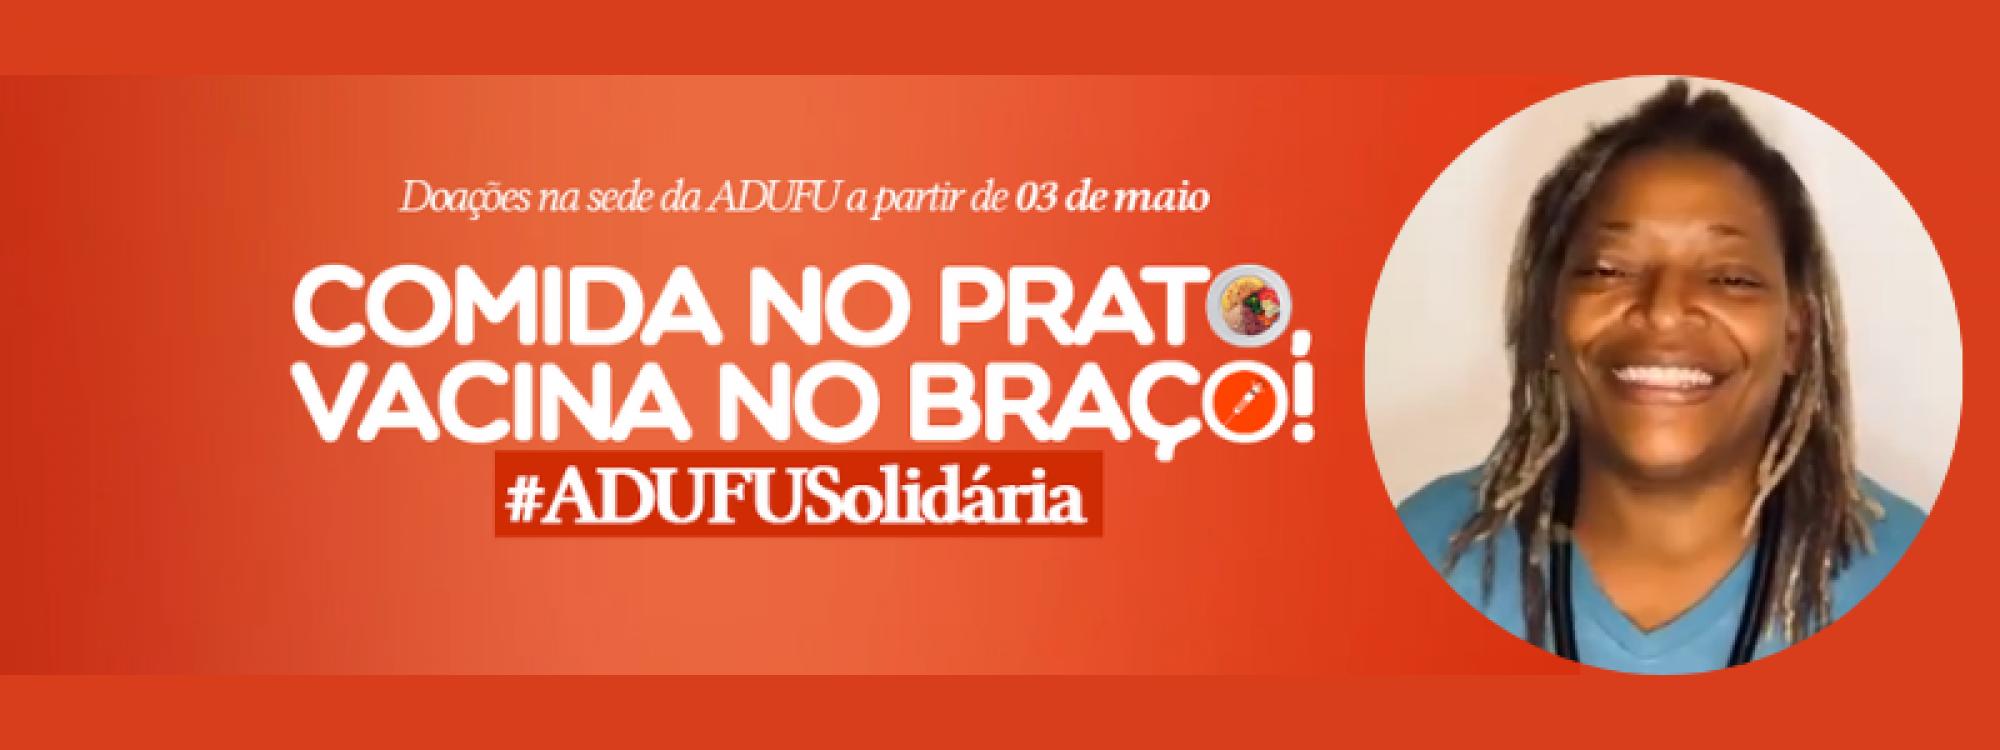 Mart'nália convida para campanha de arrecadação de alimentos não perecíveis da ADUFU